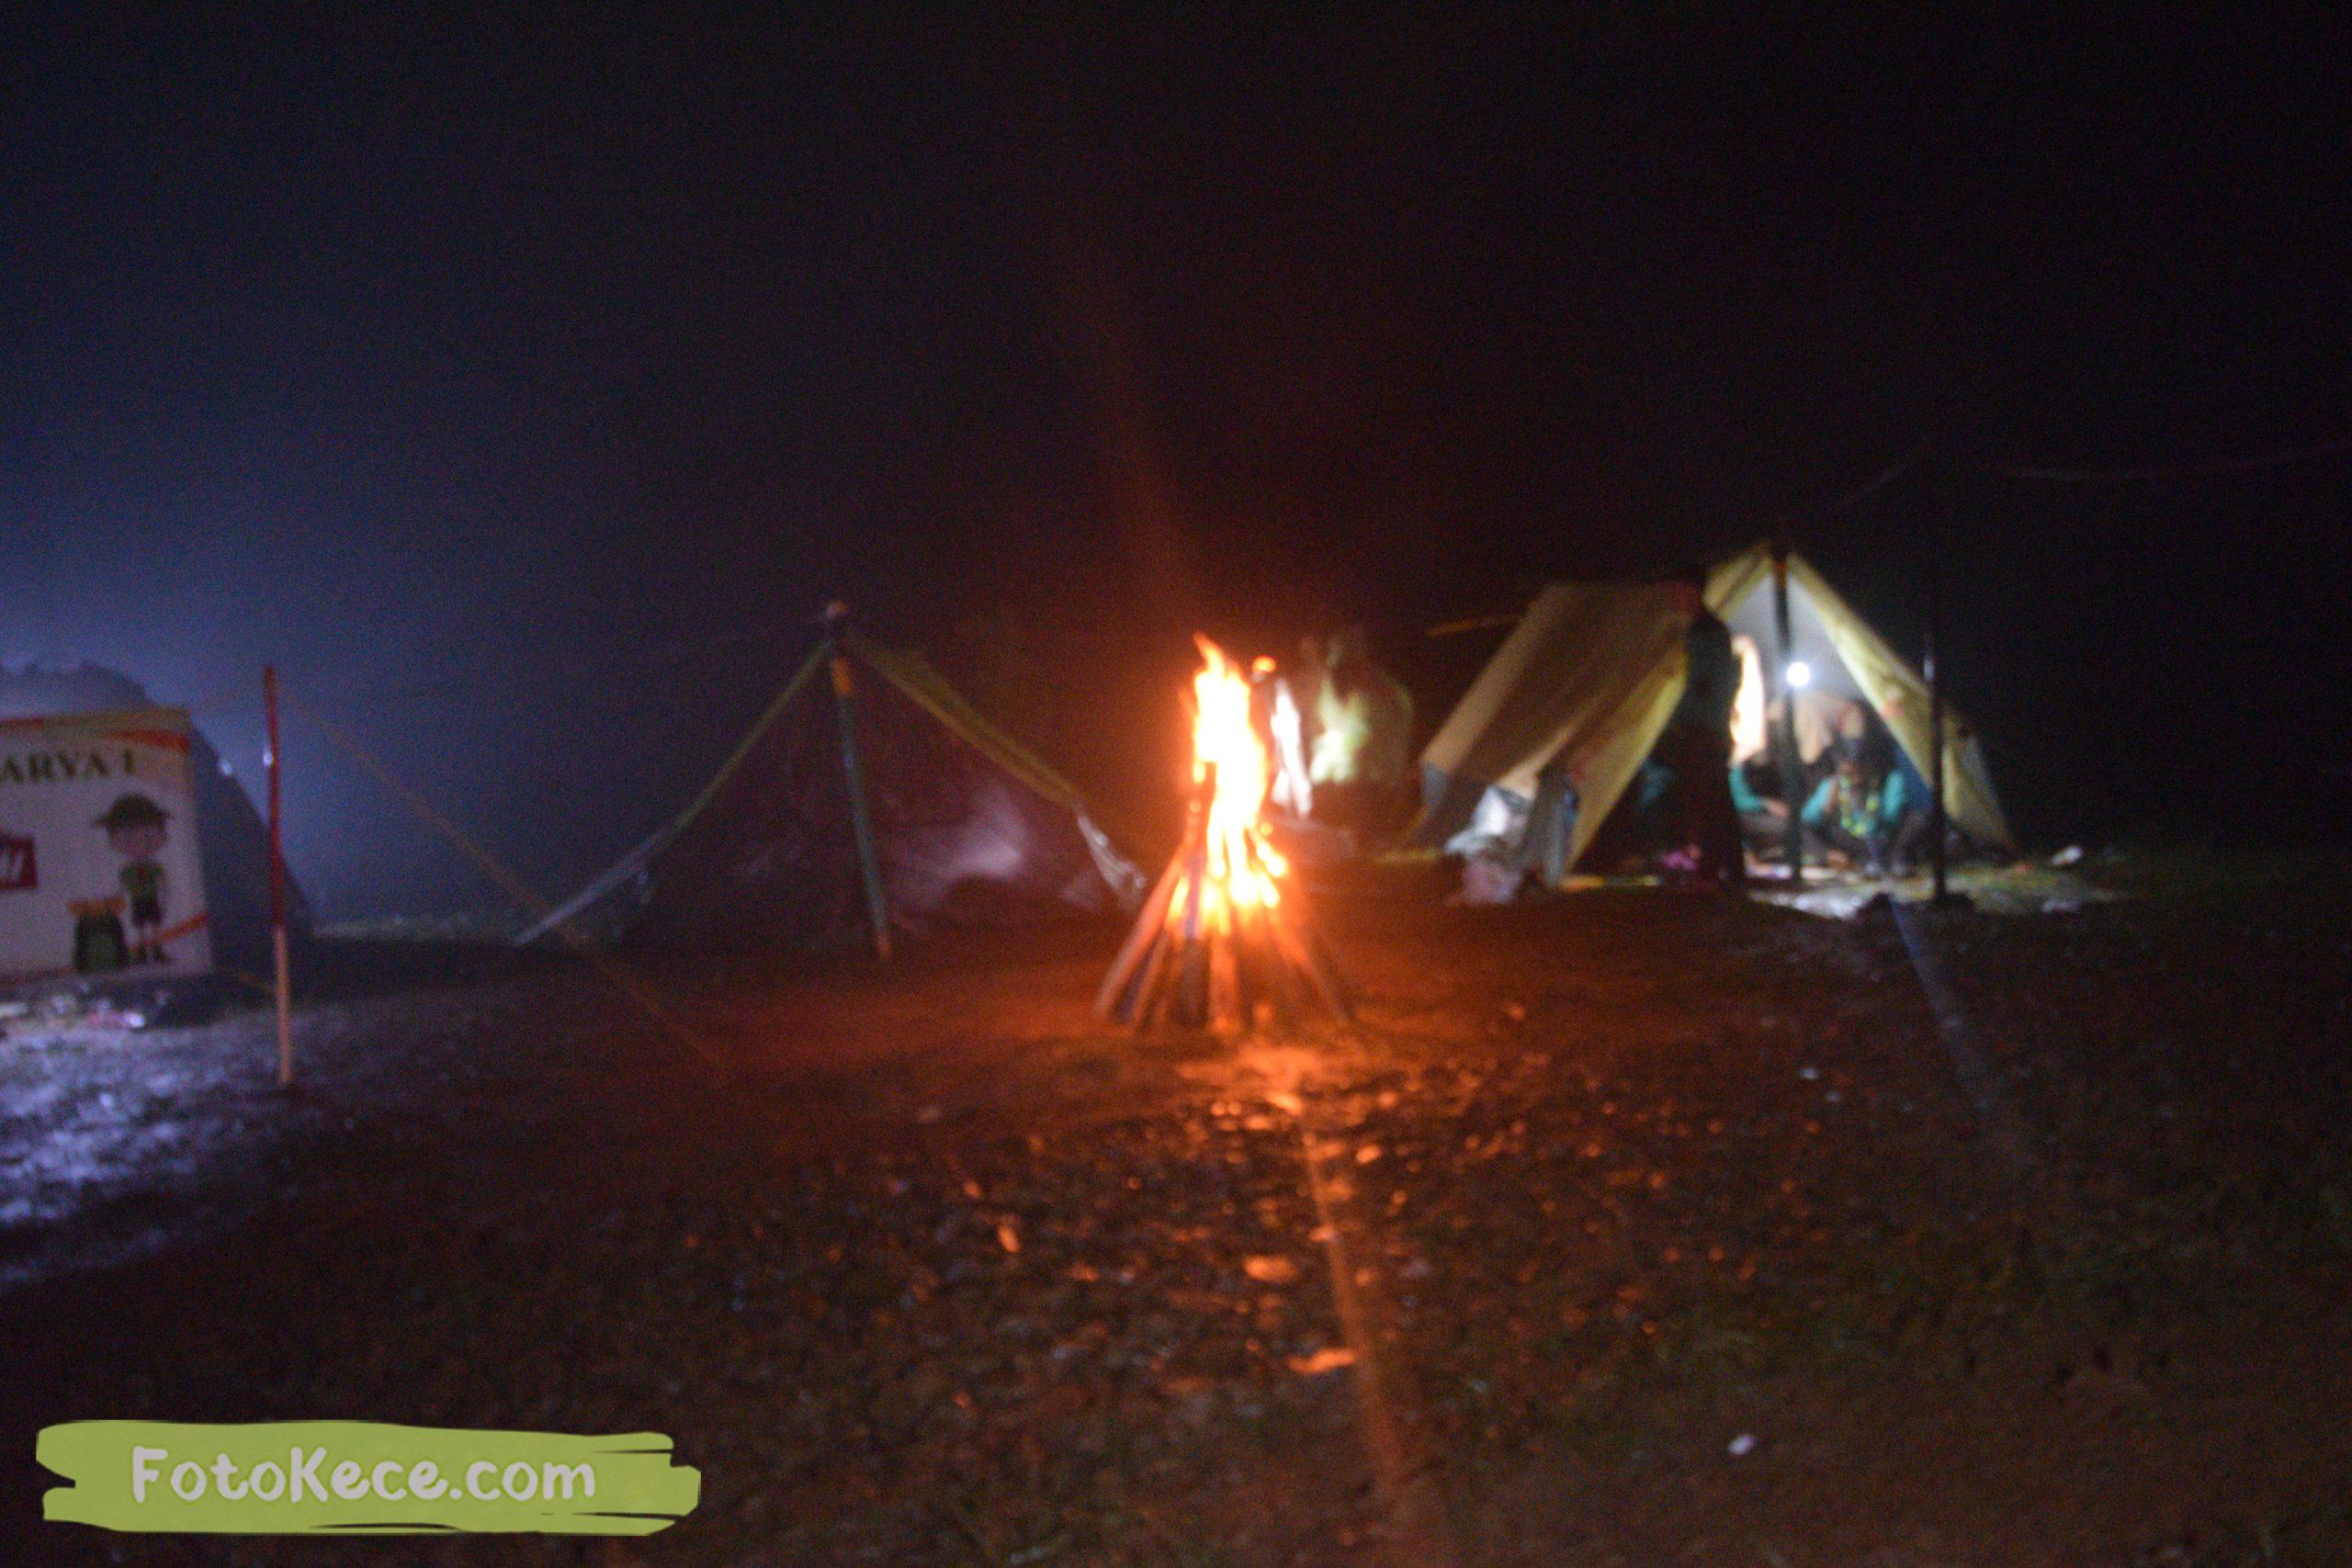 kegiatan sore malam perkemahan narakarya 1 mtsn 2 sukabumi 24 25 januari 2020 pramuka hebat puncak buluh foto kece 75 scaled